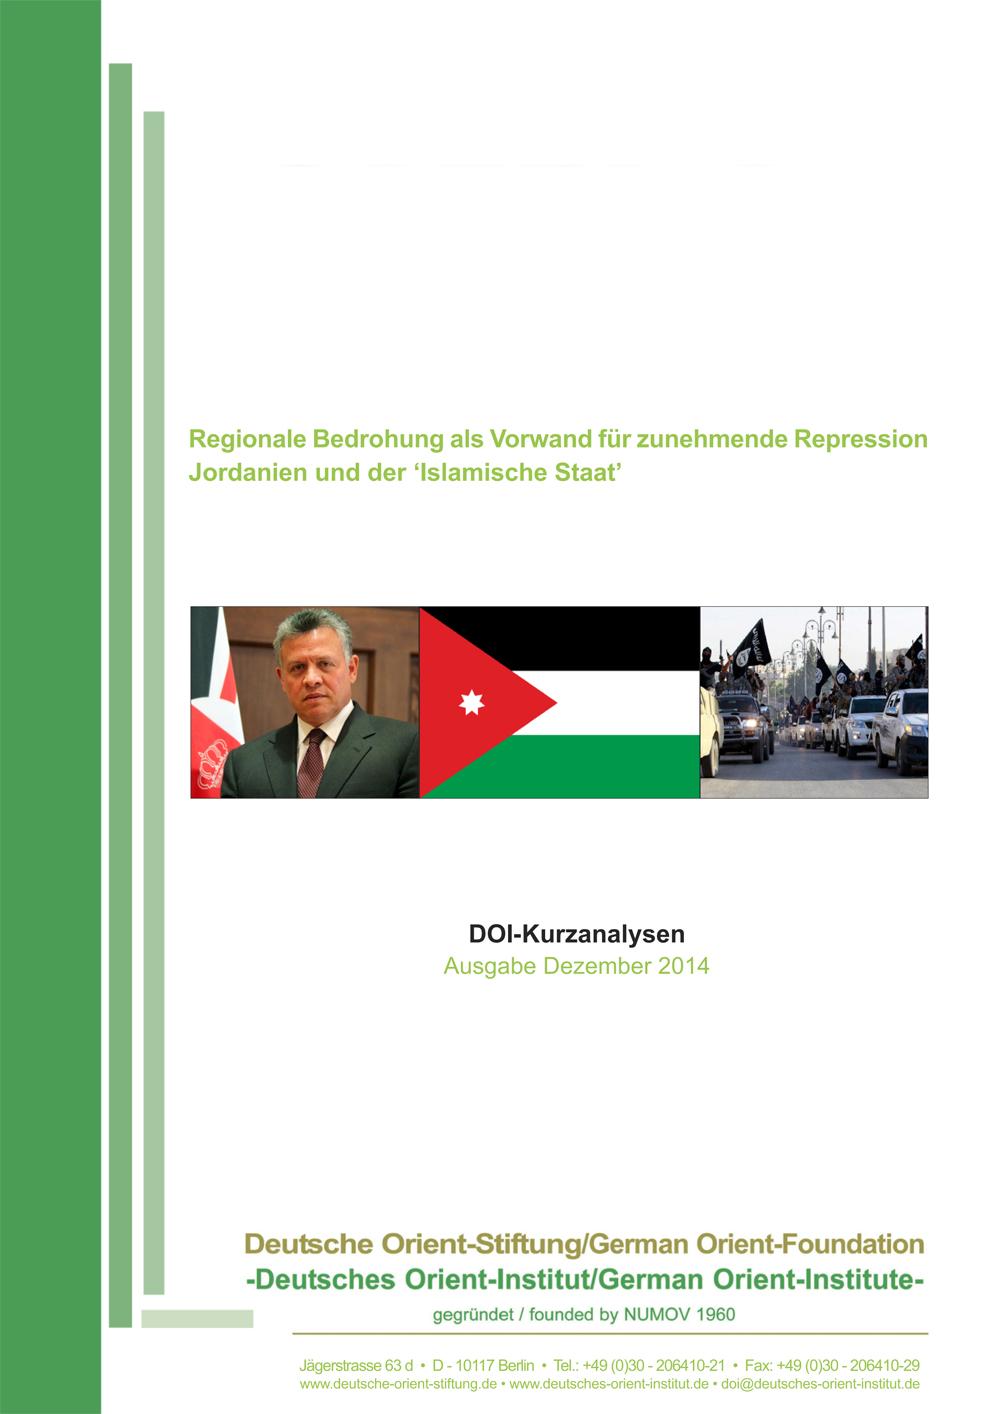 """Featured image for """"Regionale Bedrohung als Vorwand für zunehmende Repression: Jordanien und der 'Islamische Staat'"""""""